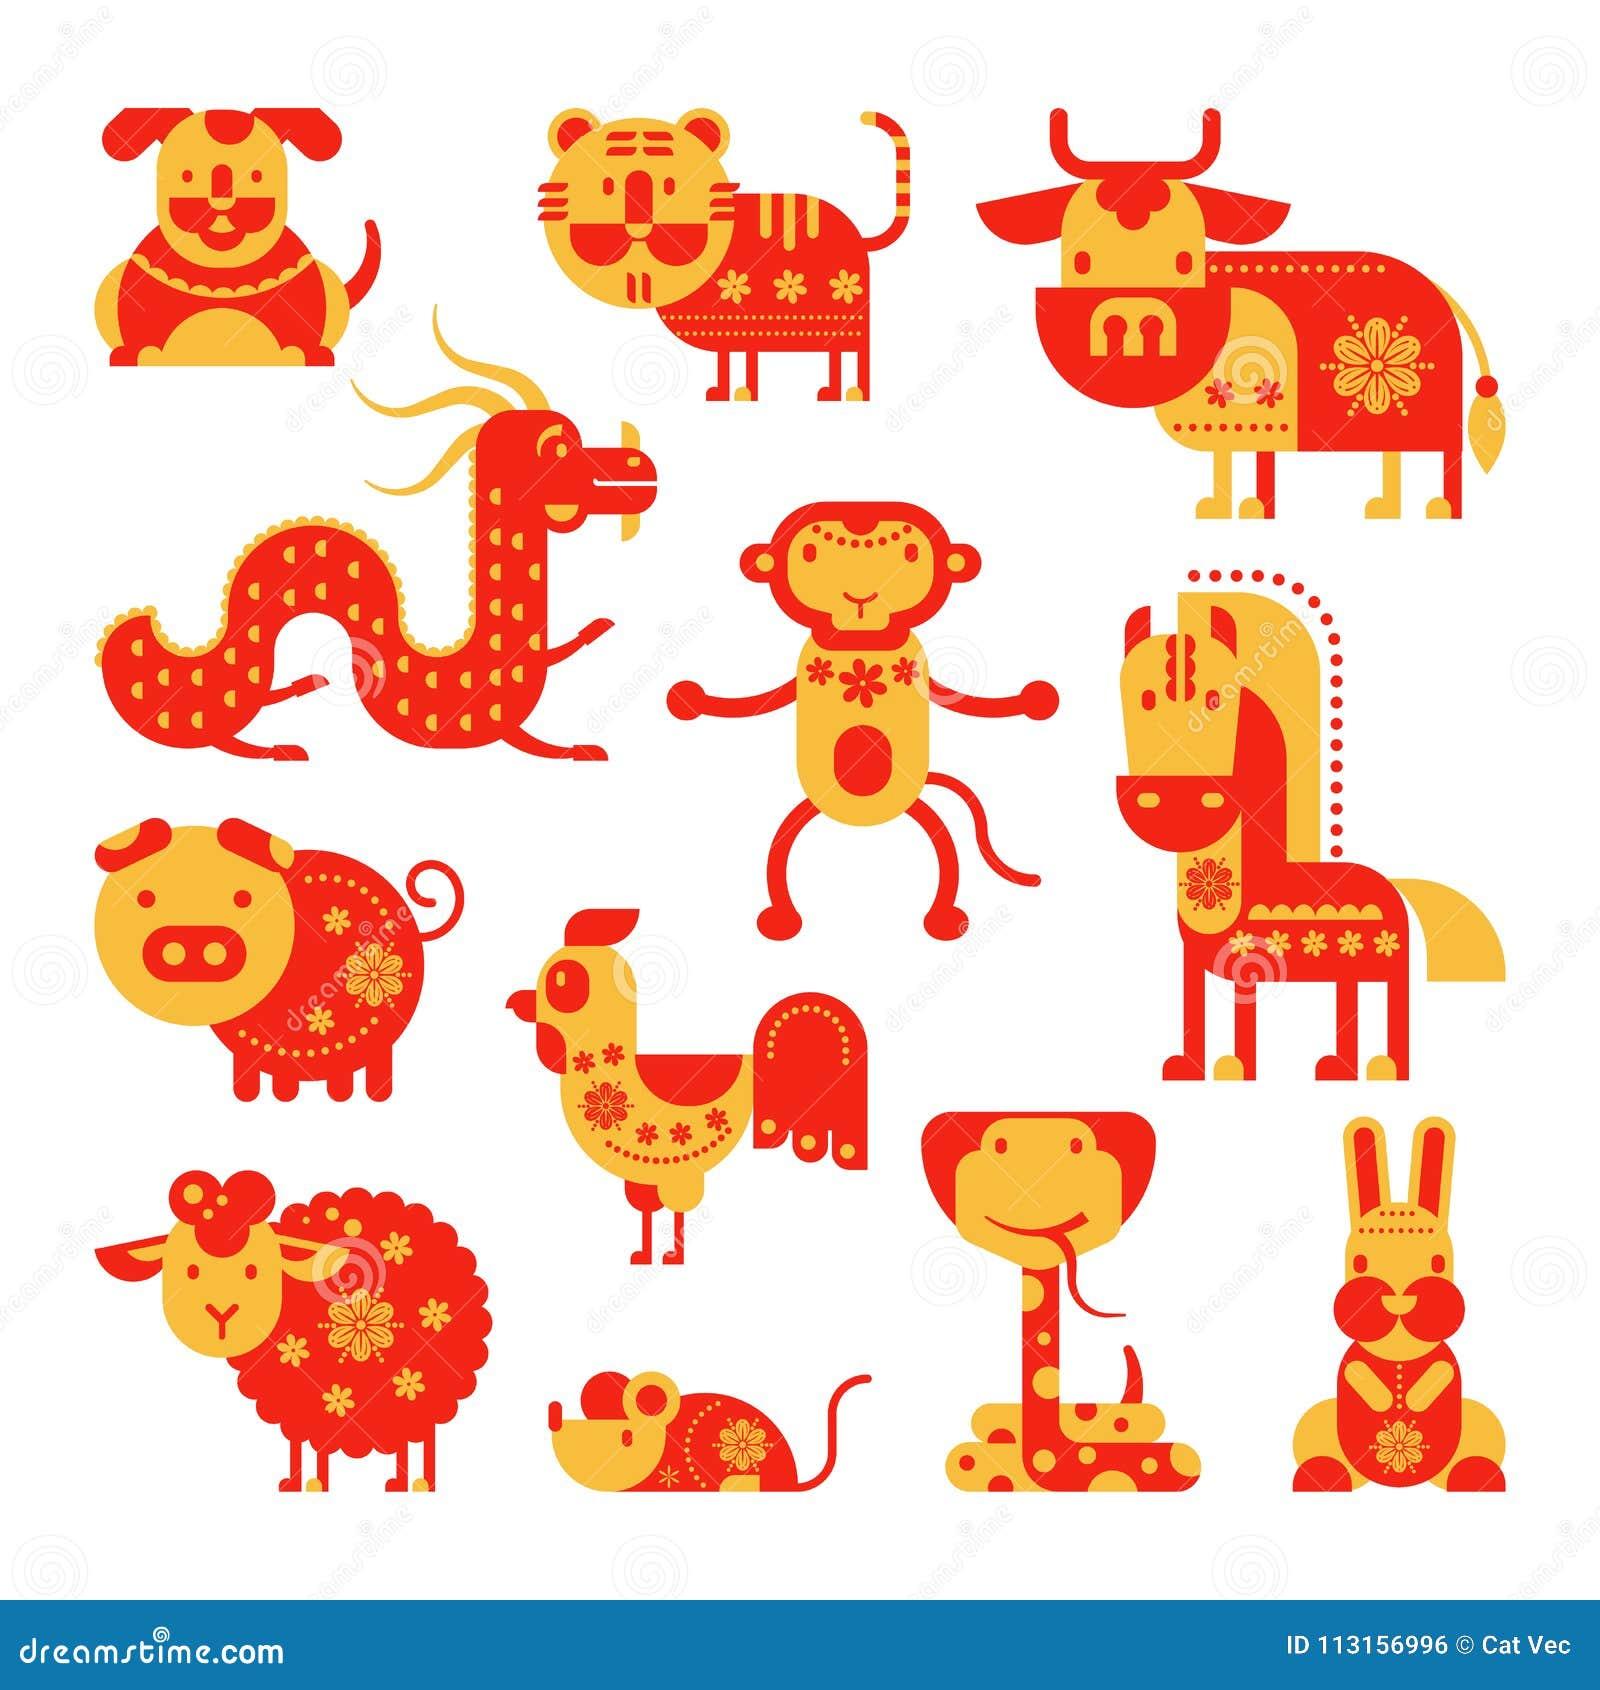 Κινεζικό διανυσματικό horoscopy ζωικό σύμβολο ωροσκοπίων του αστρολογικού ημερολογίου στο σύνολο απεικόνισης της Κίνας ζωώδους Ασ